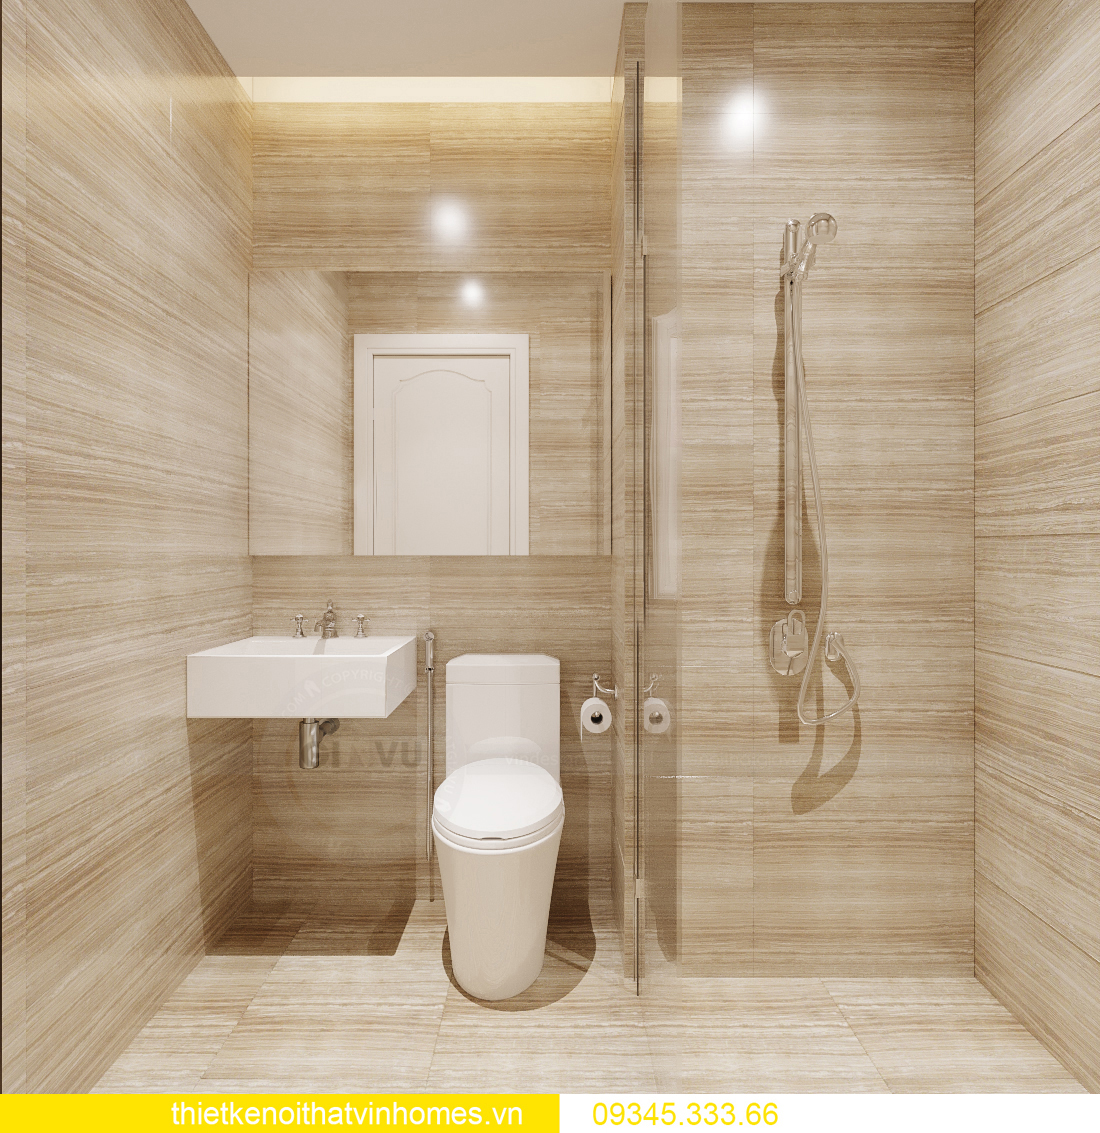 thiết kế nội thất căn hộ chung cư tân cổ điển nhà chị Như 5